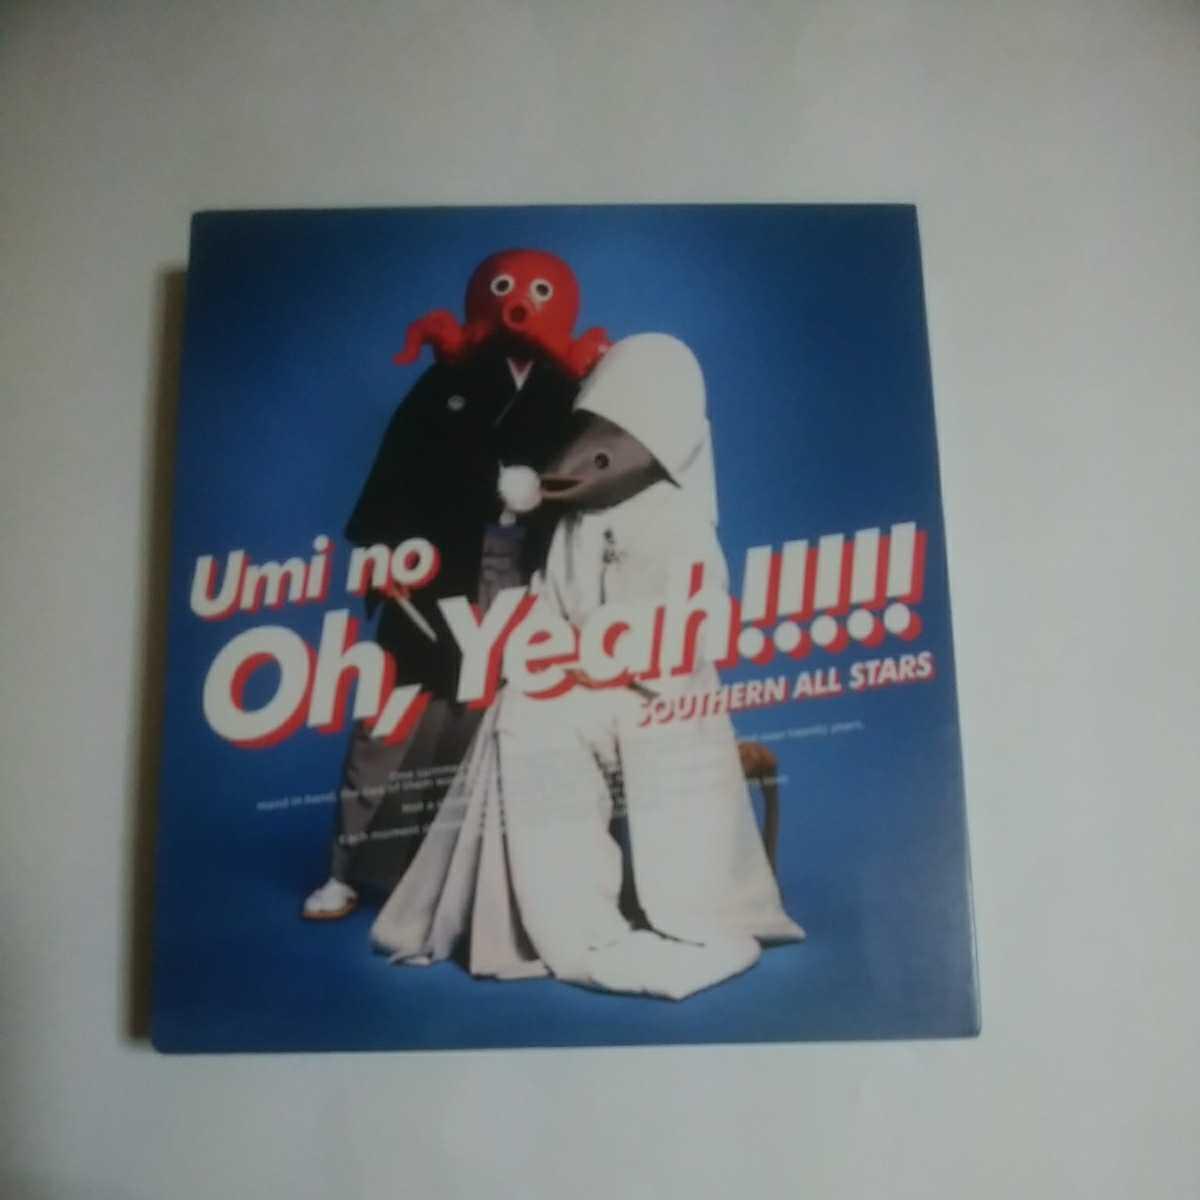 サザンオールスターズ 海の Oh,YEAH 完全生産限定盤 アルバム CD 2枚組 即決価格 33曲収録 サザン_画像1